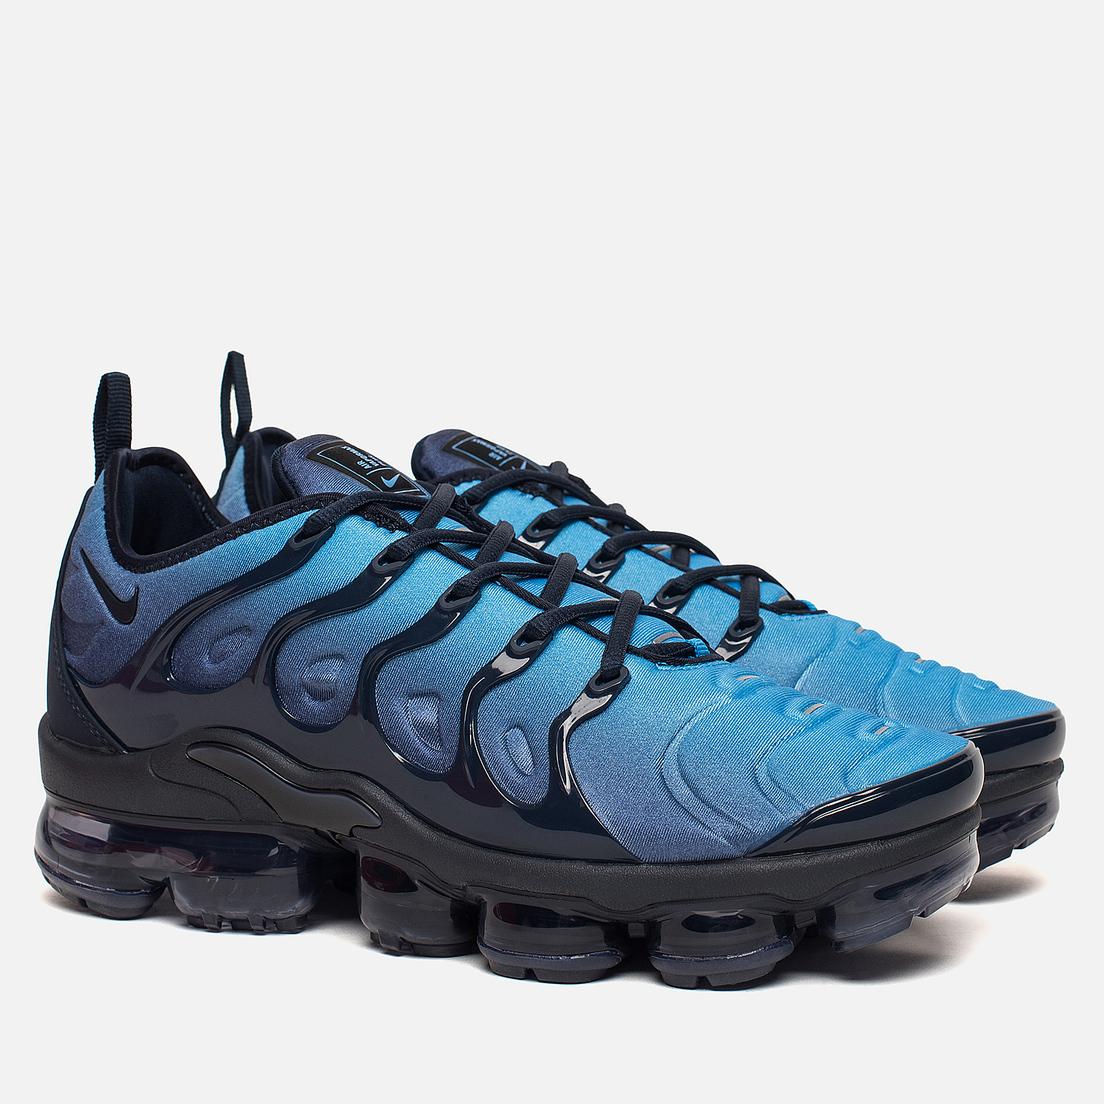 Nike Air Vapormax Plus 924453-401